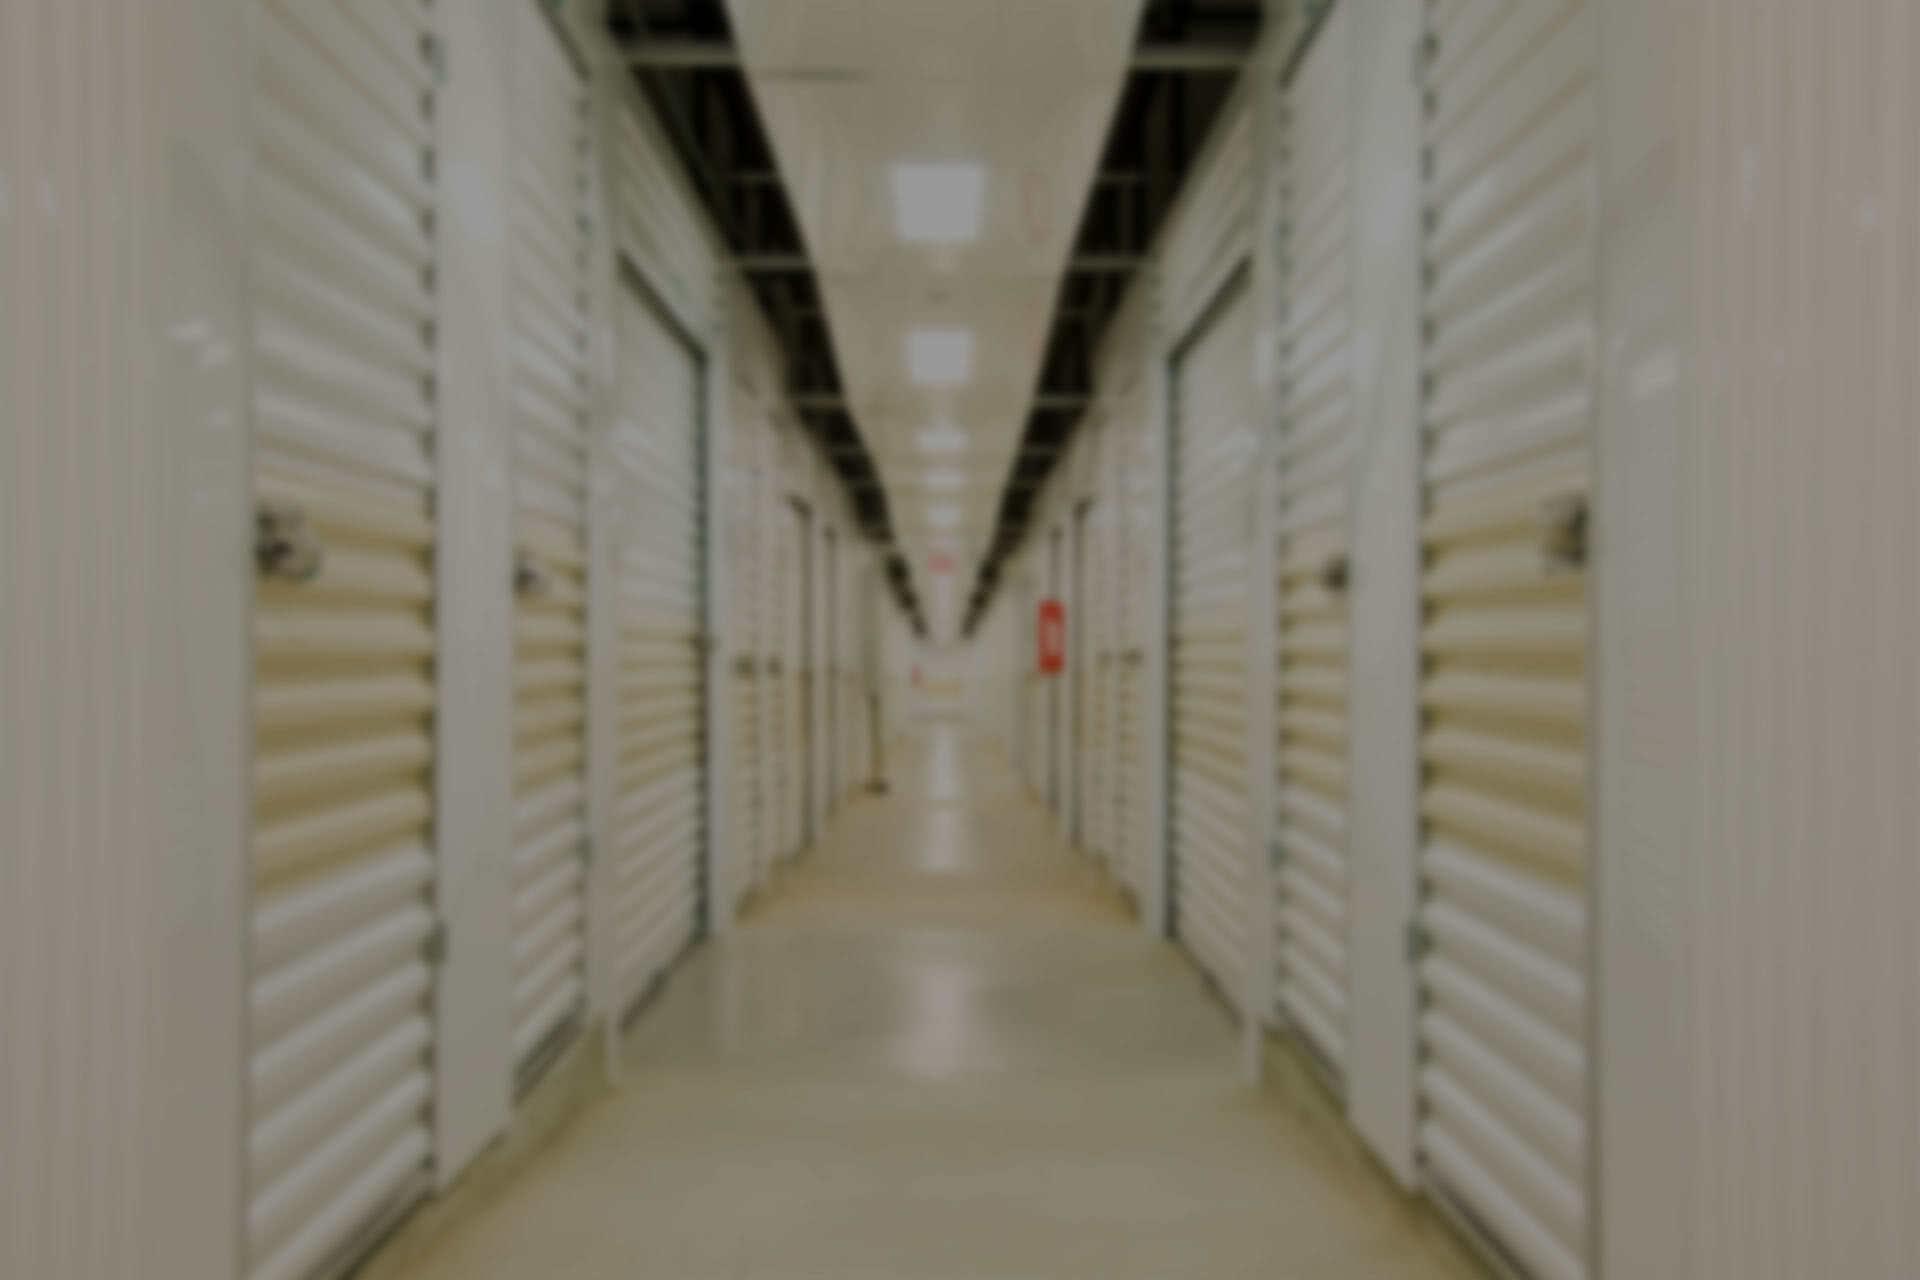 Rows of white storage lockers